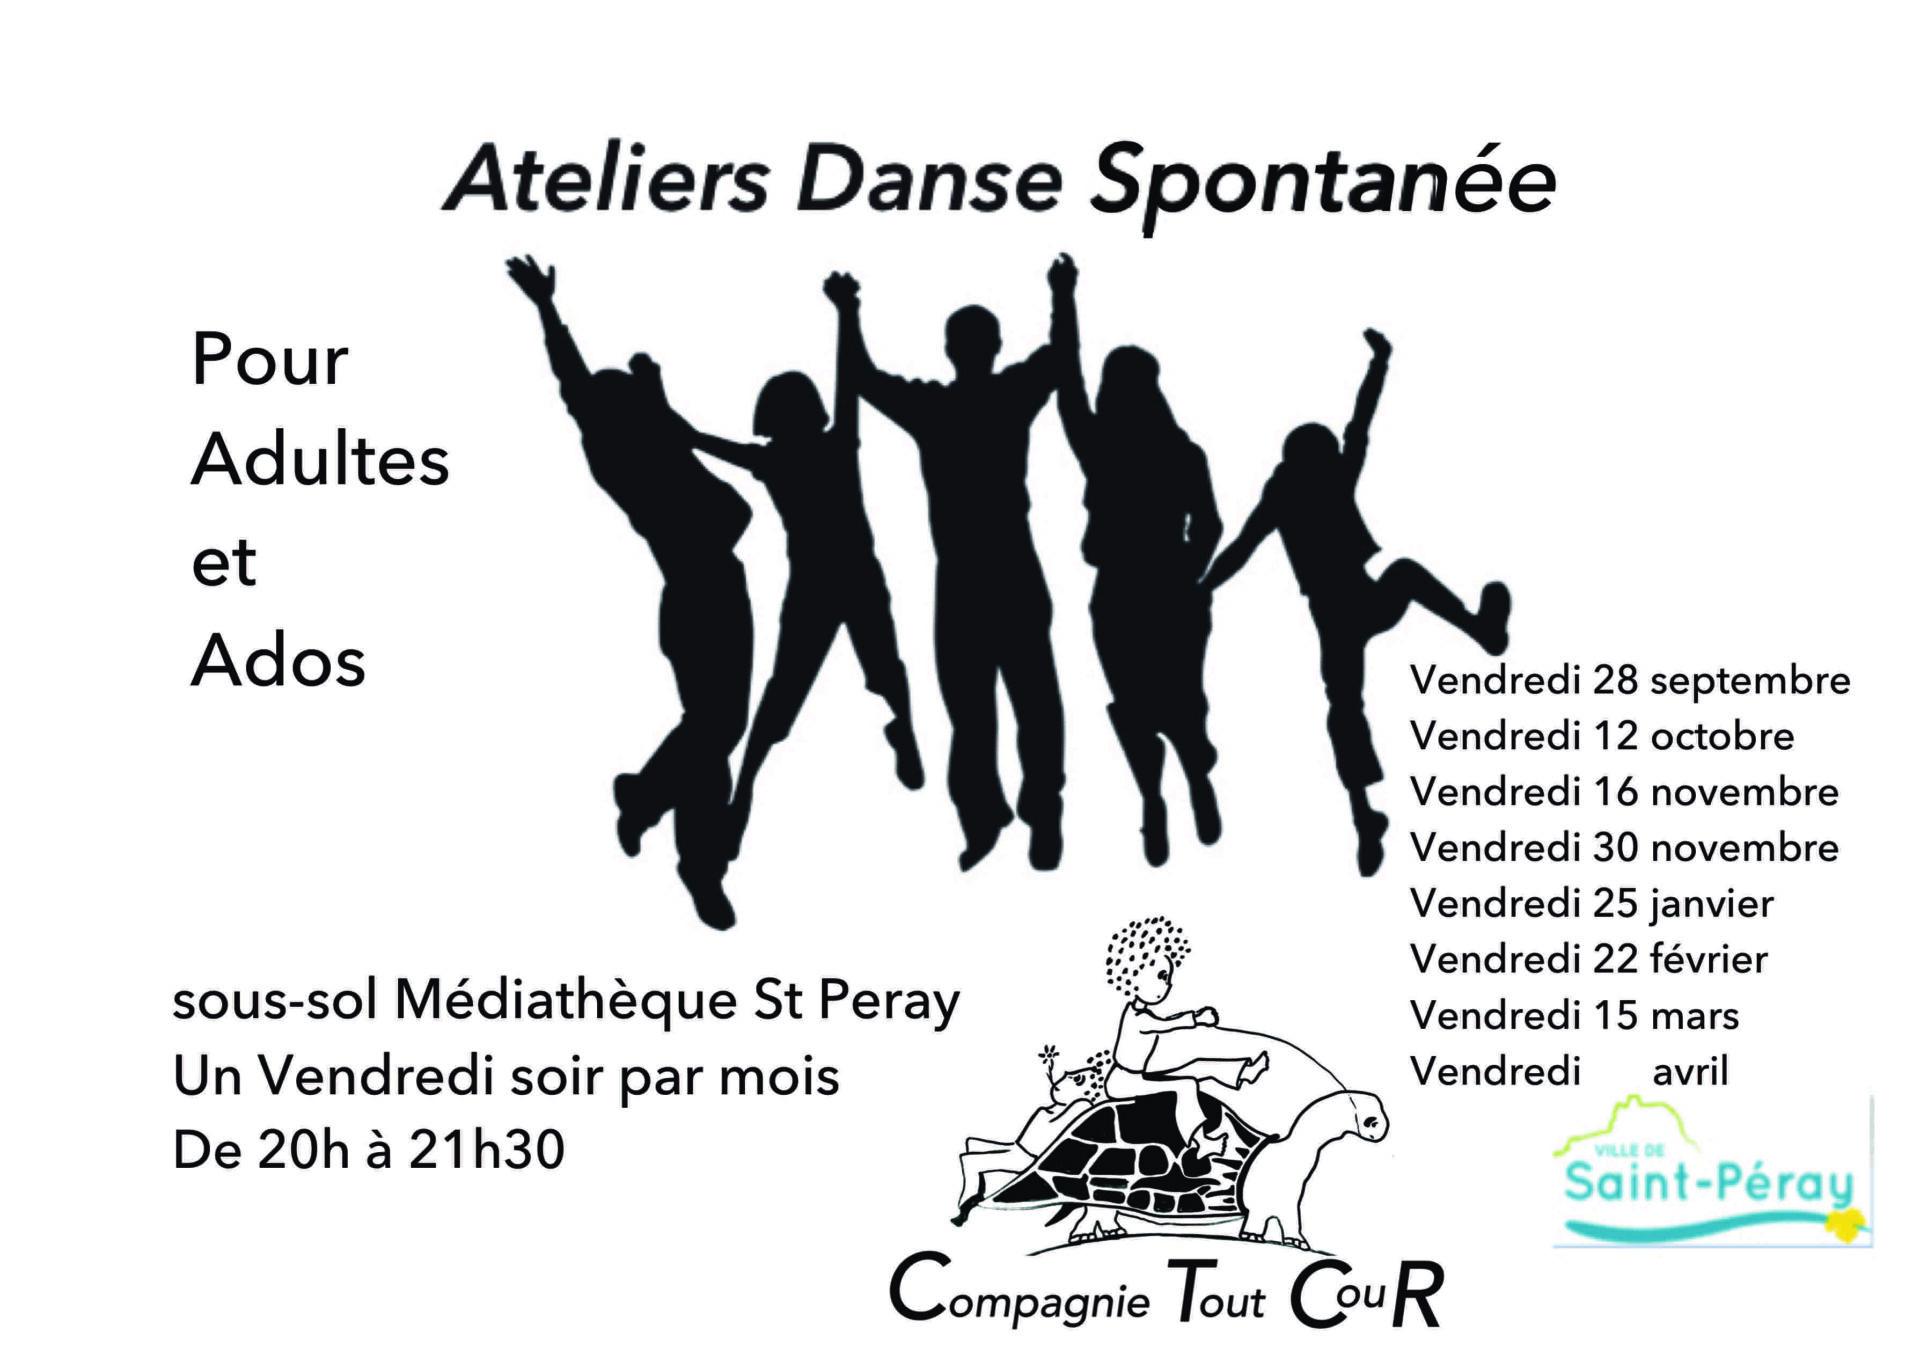 dates Ateliers dans spontanée 2018:19 Adultes